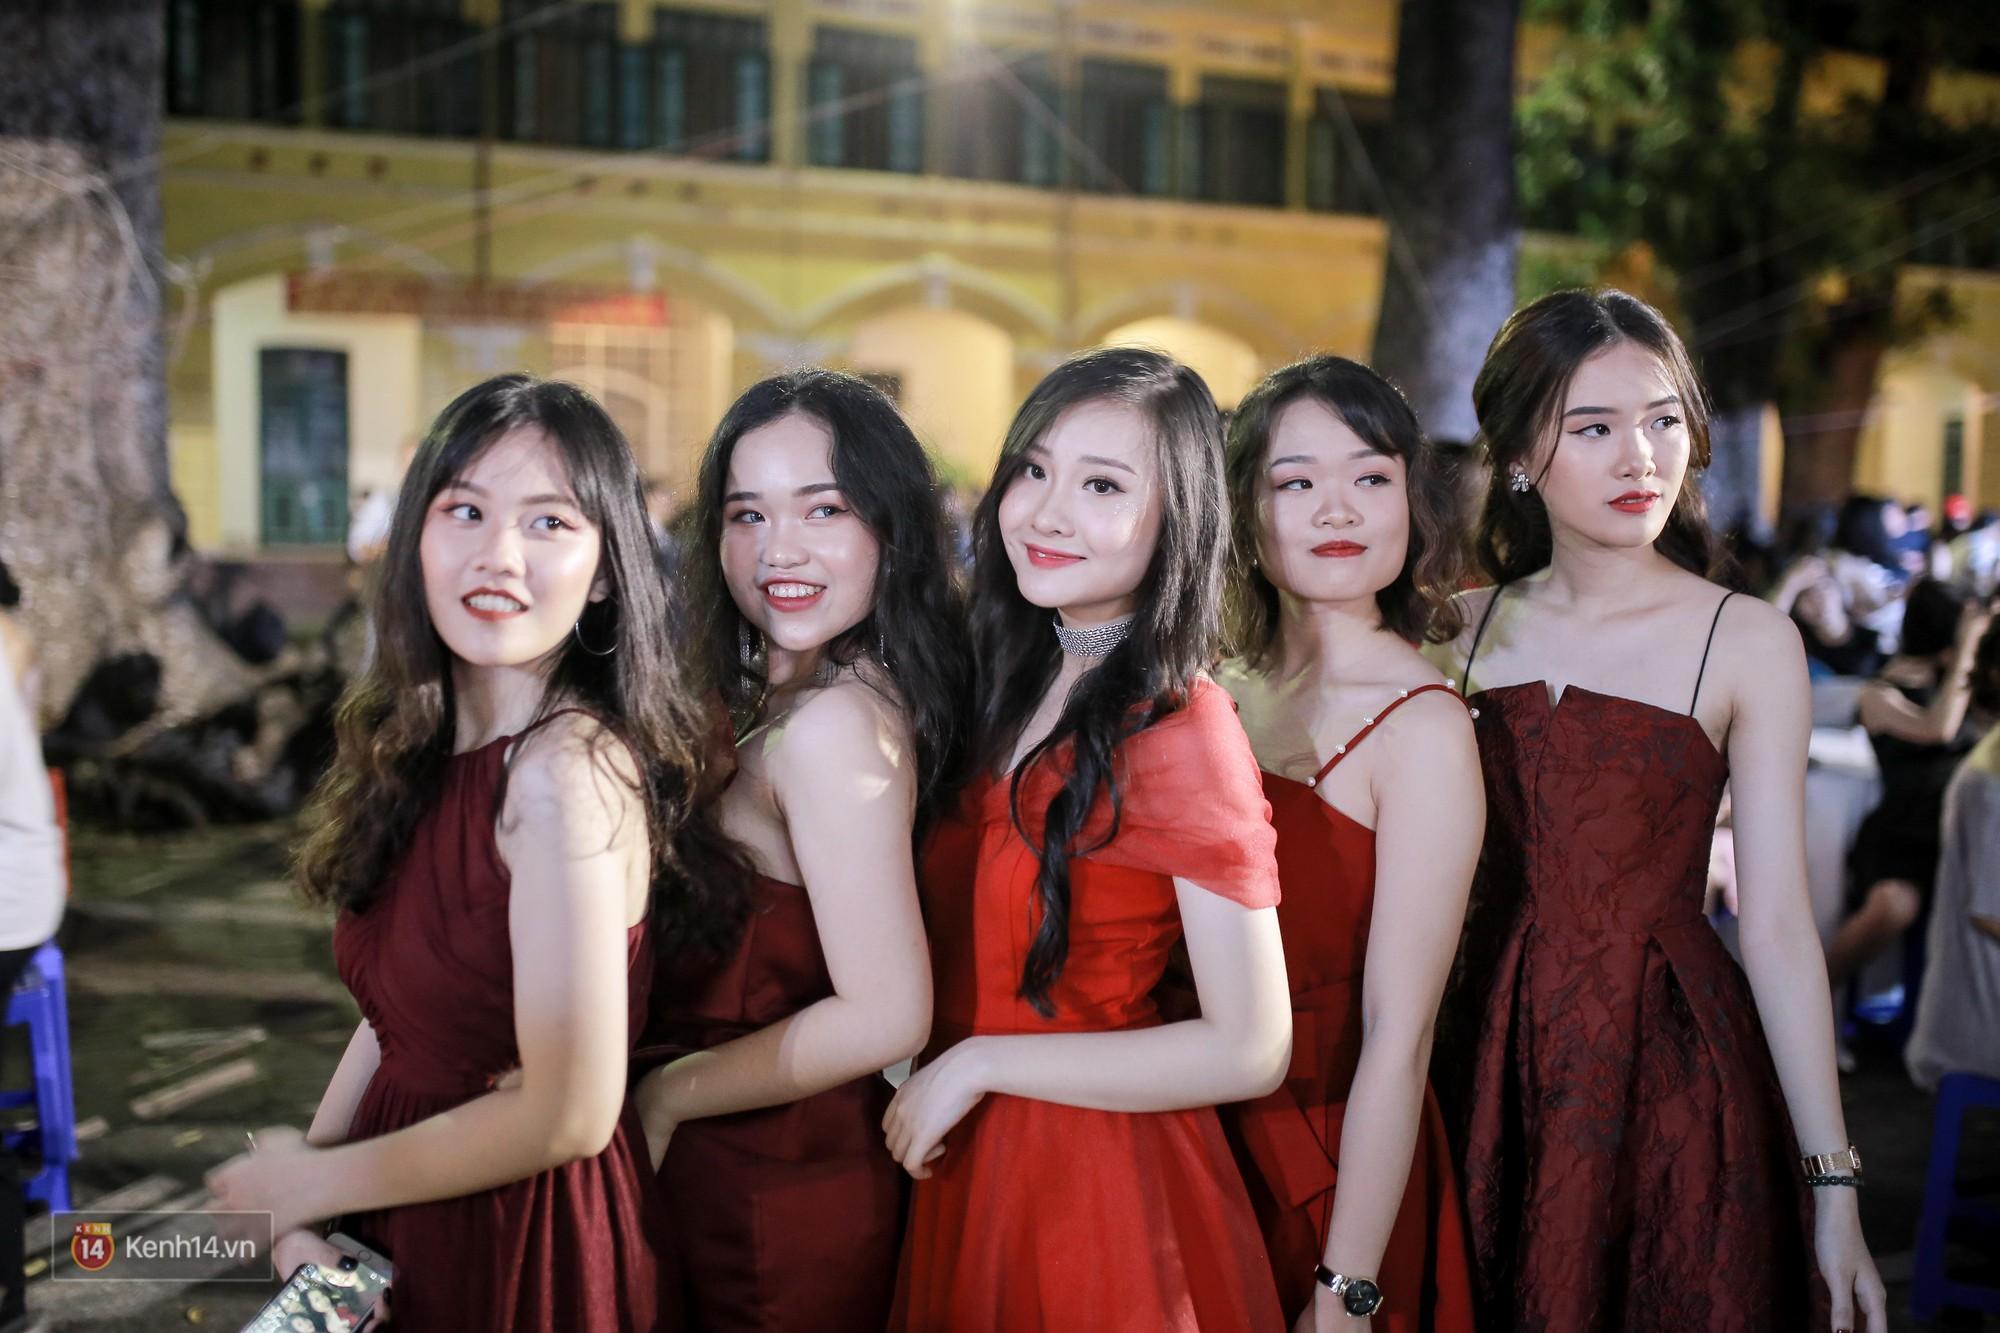 Nữ sinh Chu Văn An xinh ngẩn ngơ trong đêm tri ân/ trưởng thành - Ảnh 3.